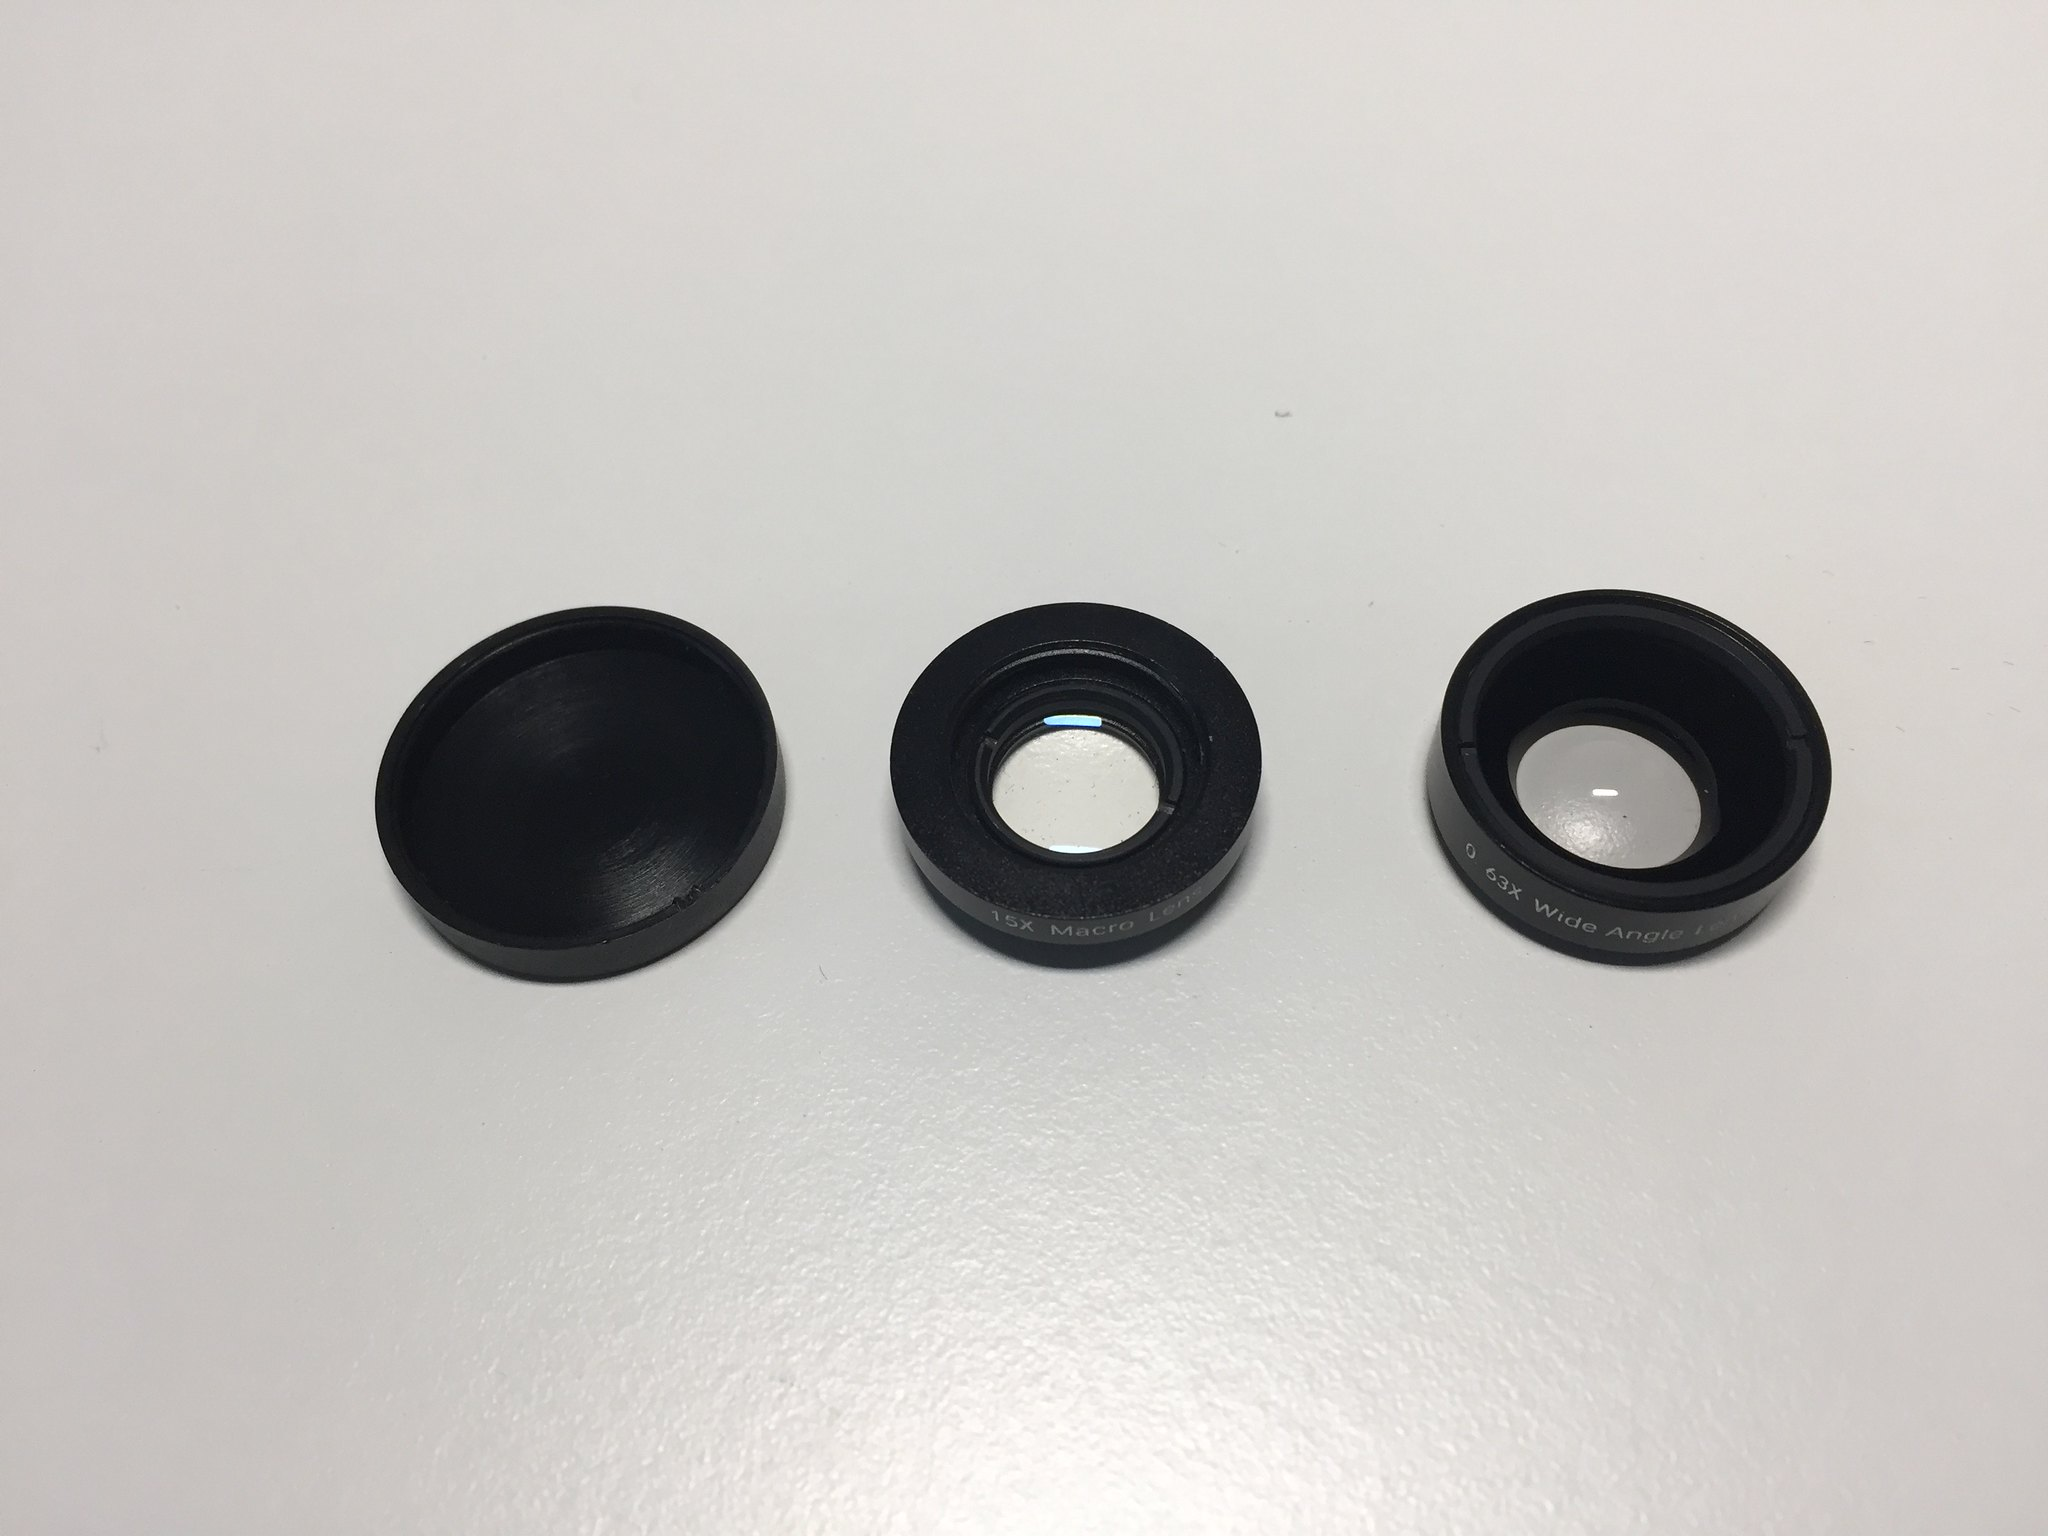 20170719 Test 3 lentilles AUKEY 9